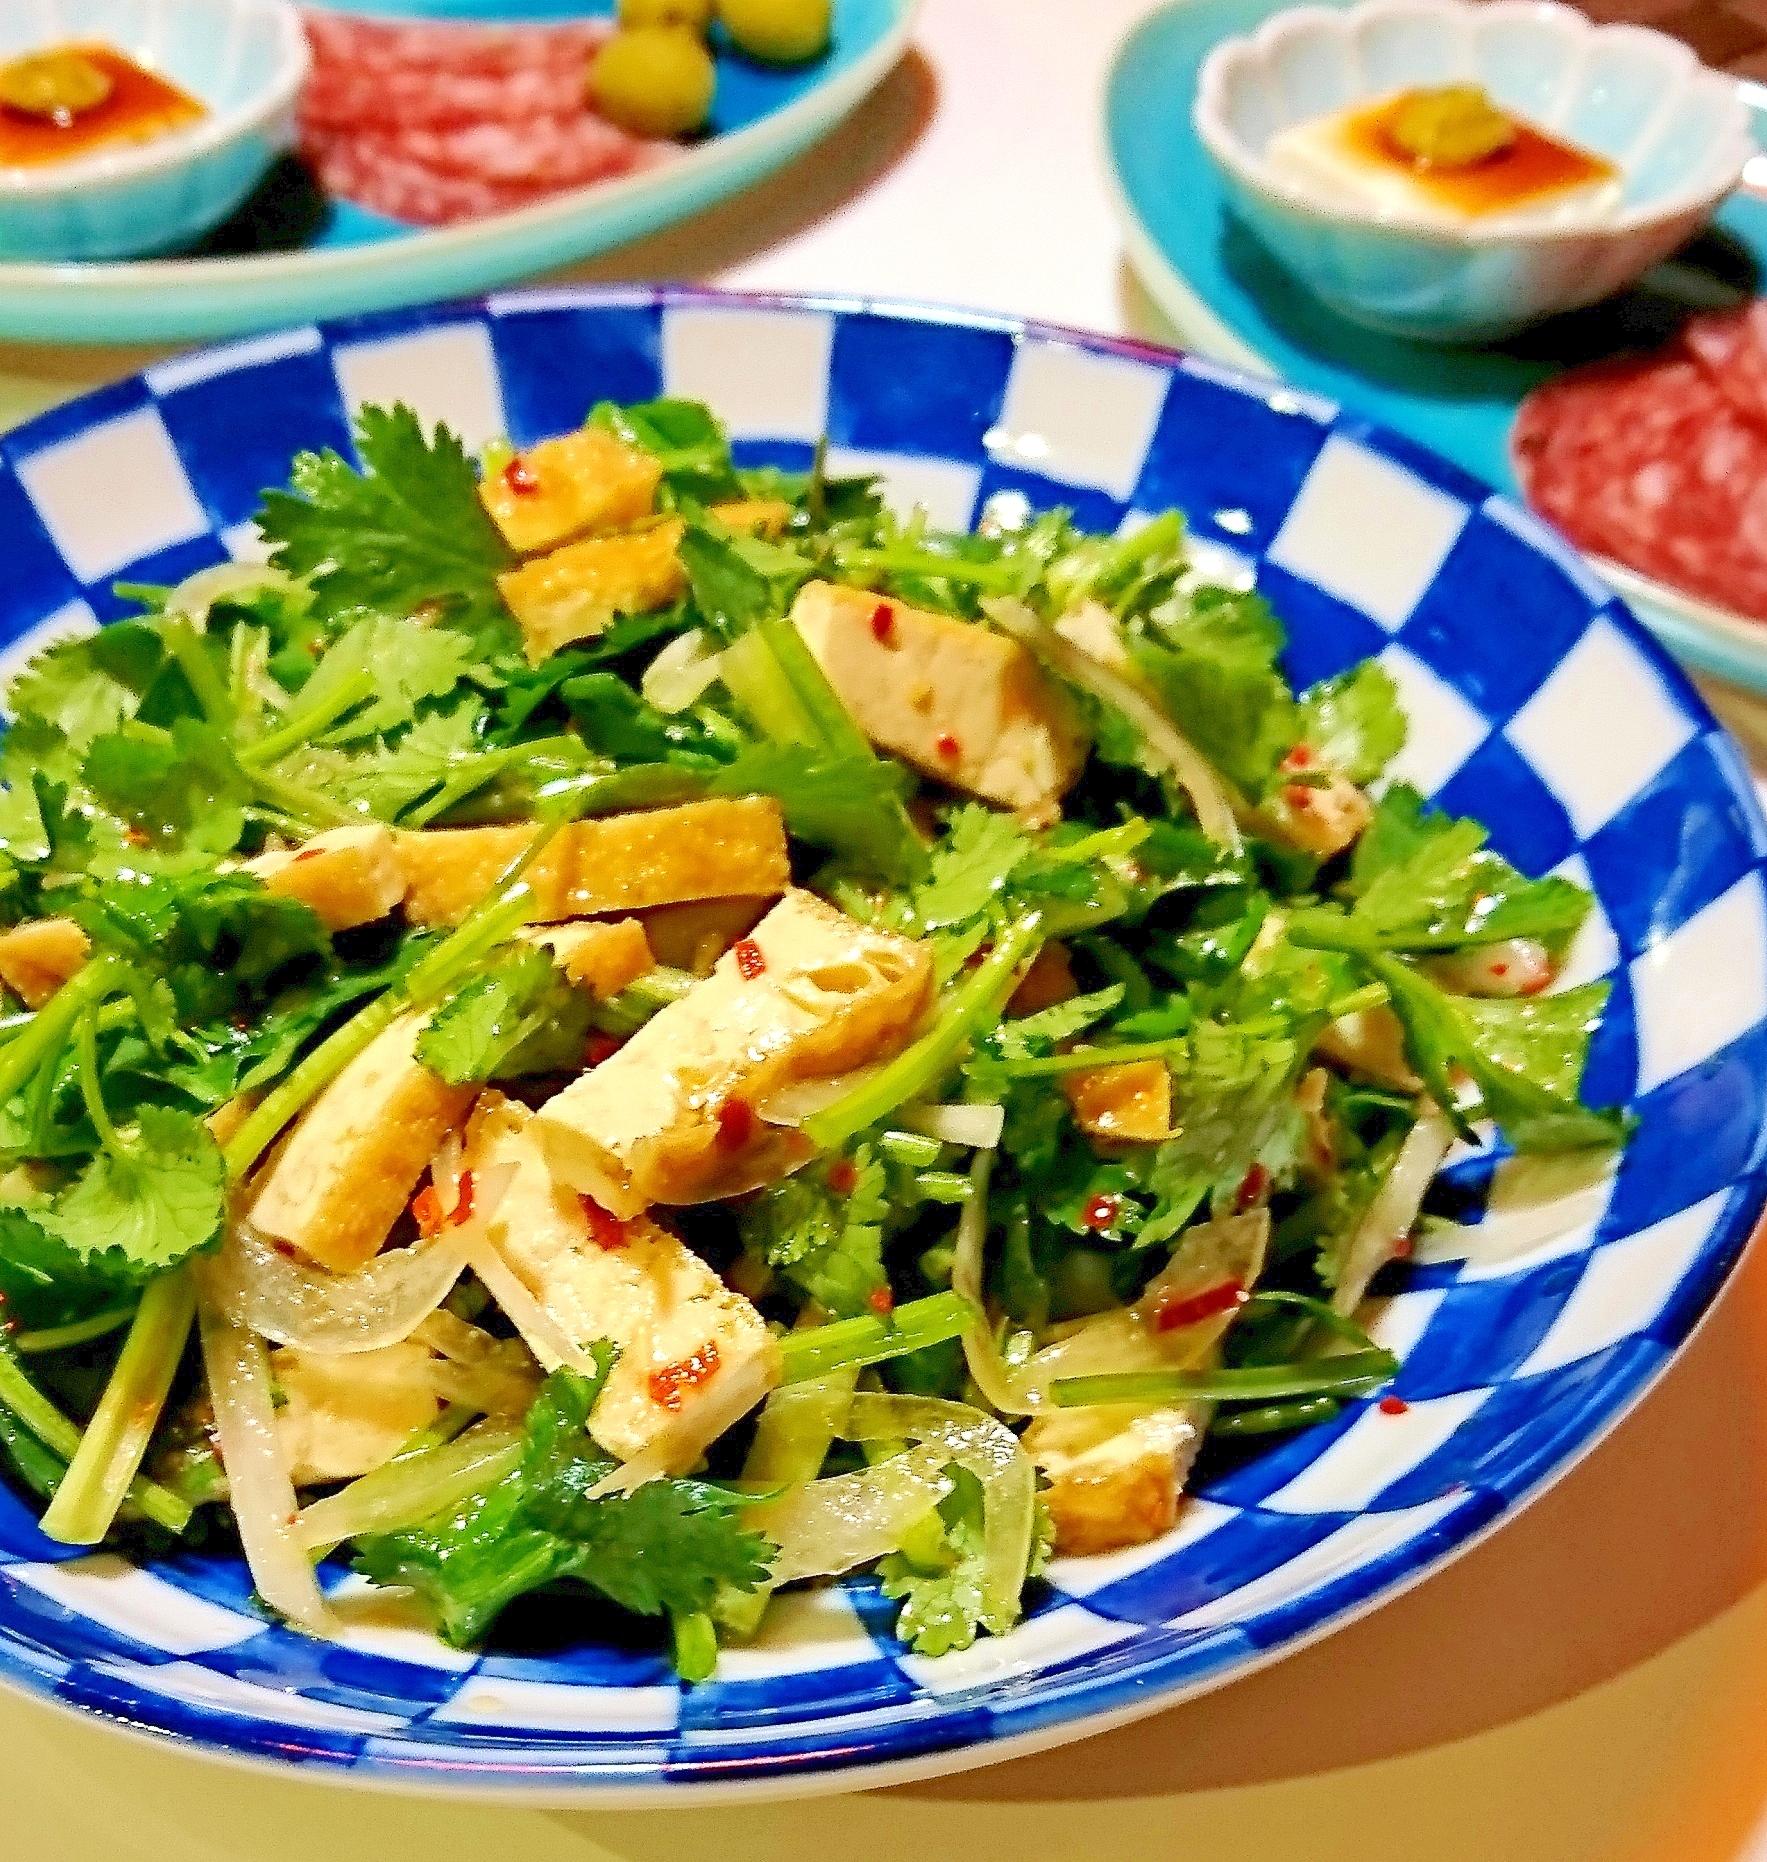 青・白のチェック柄の大皿に盛られたパクチーと厚揚げのサラダ